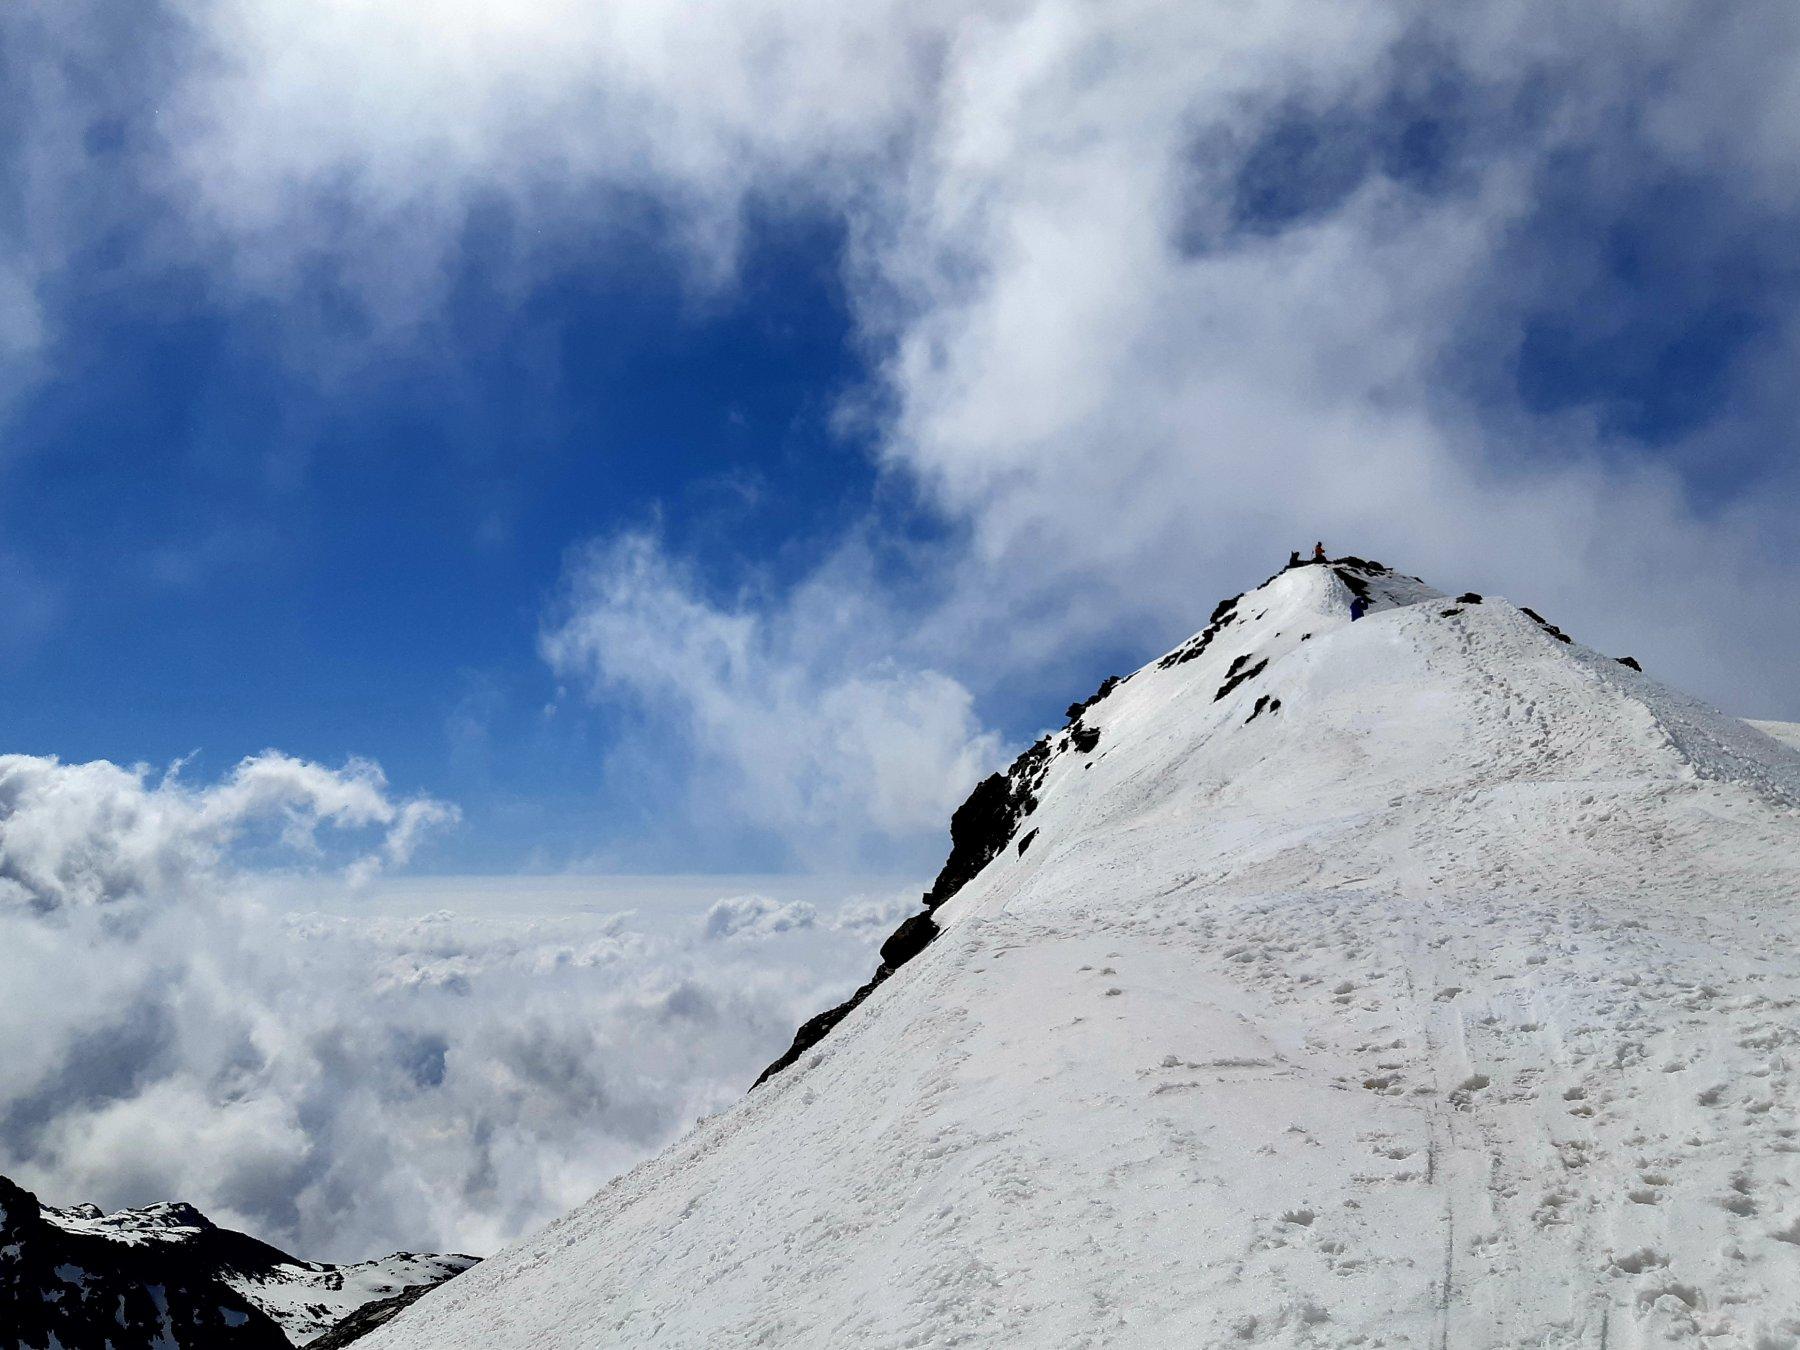 Collerin (Monte) da Pian della Mussa 2020-05-31